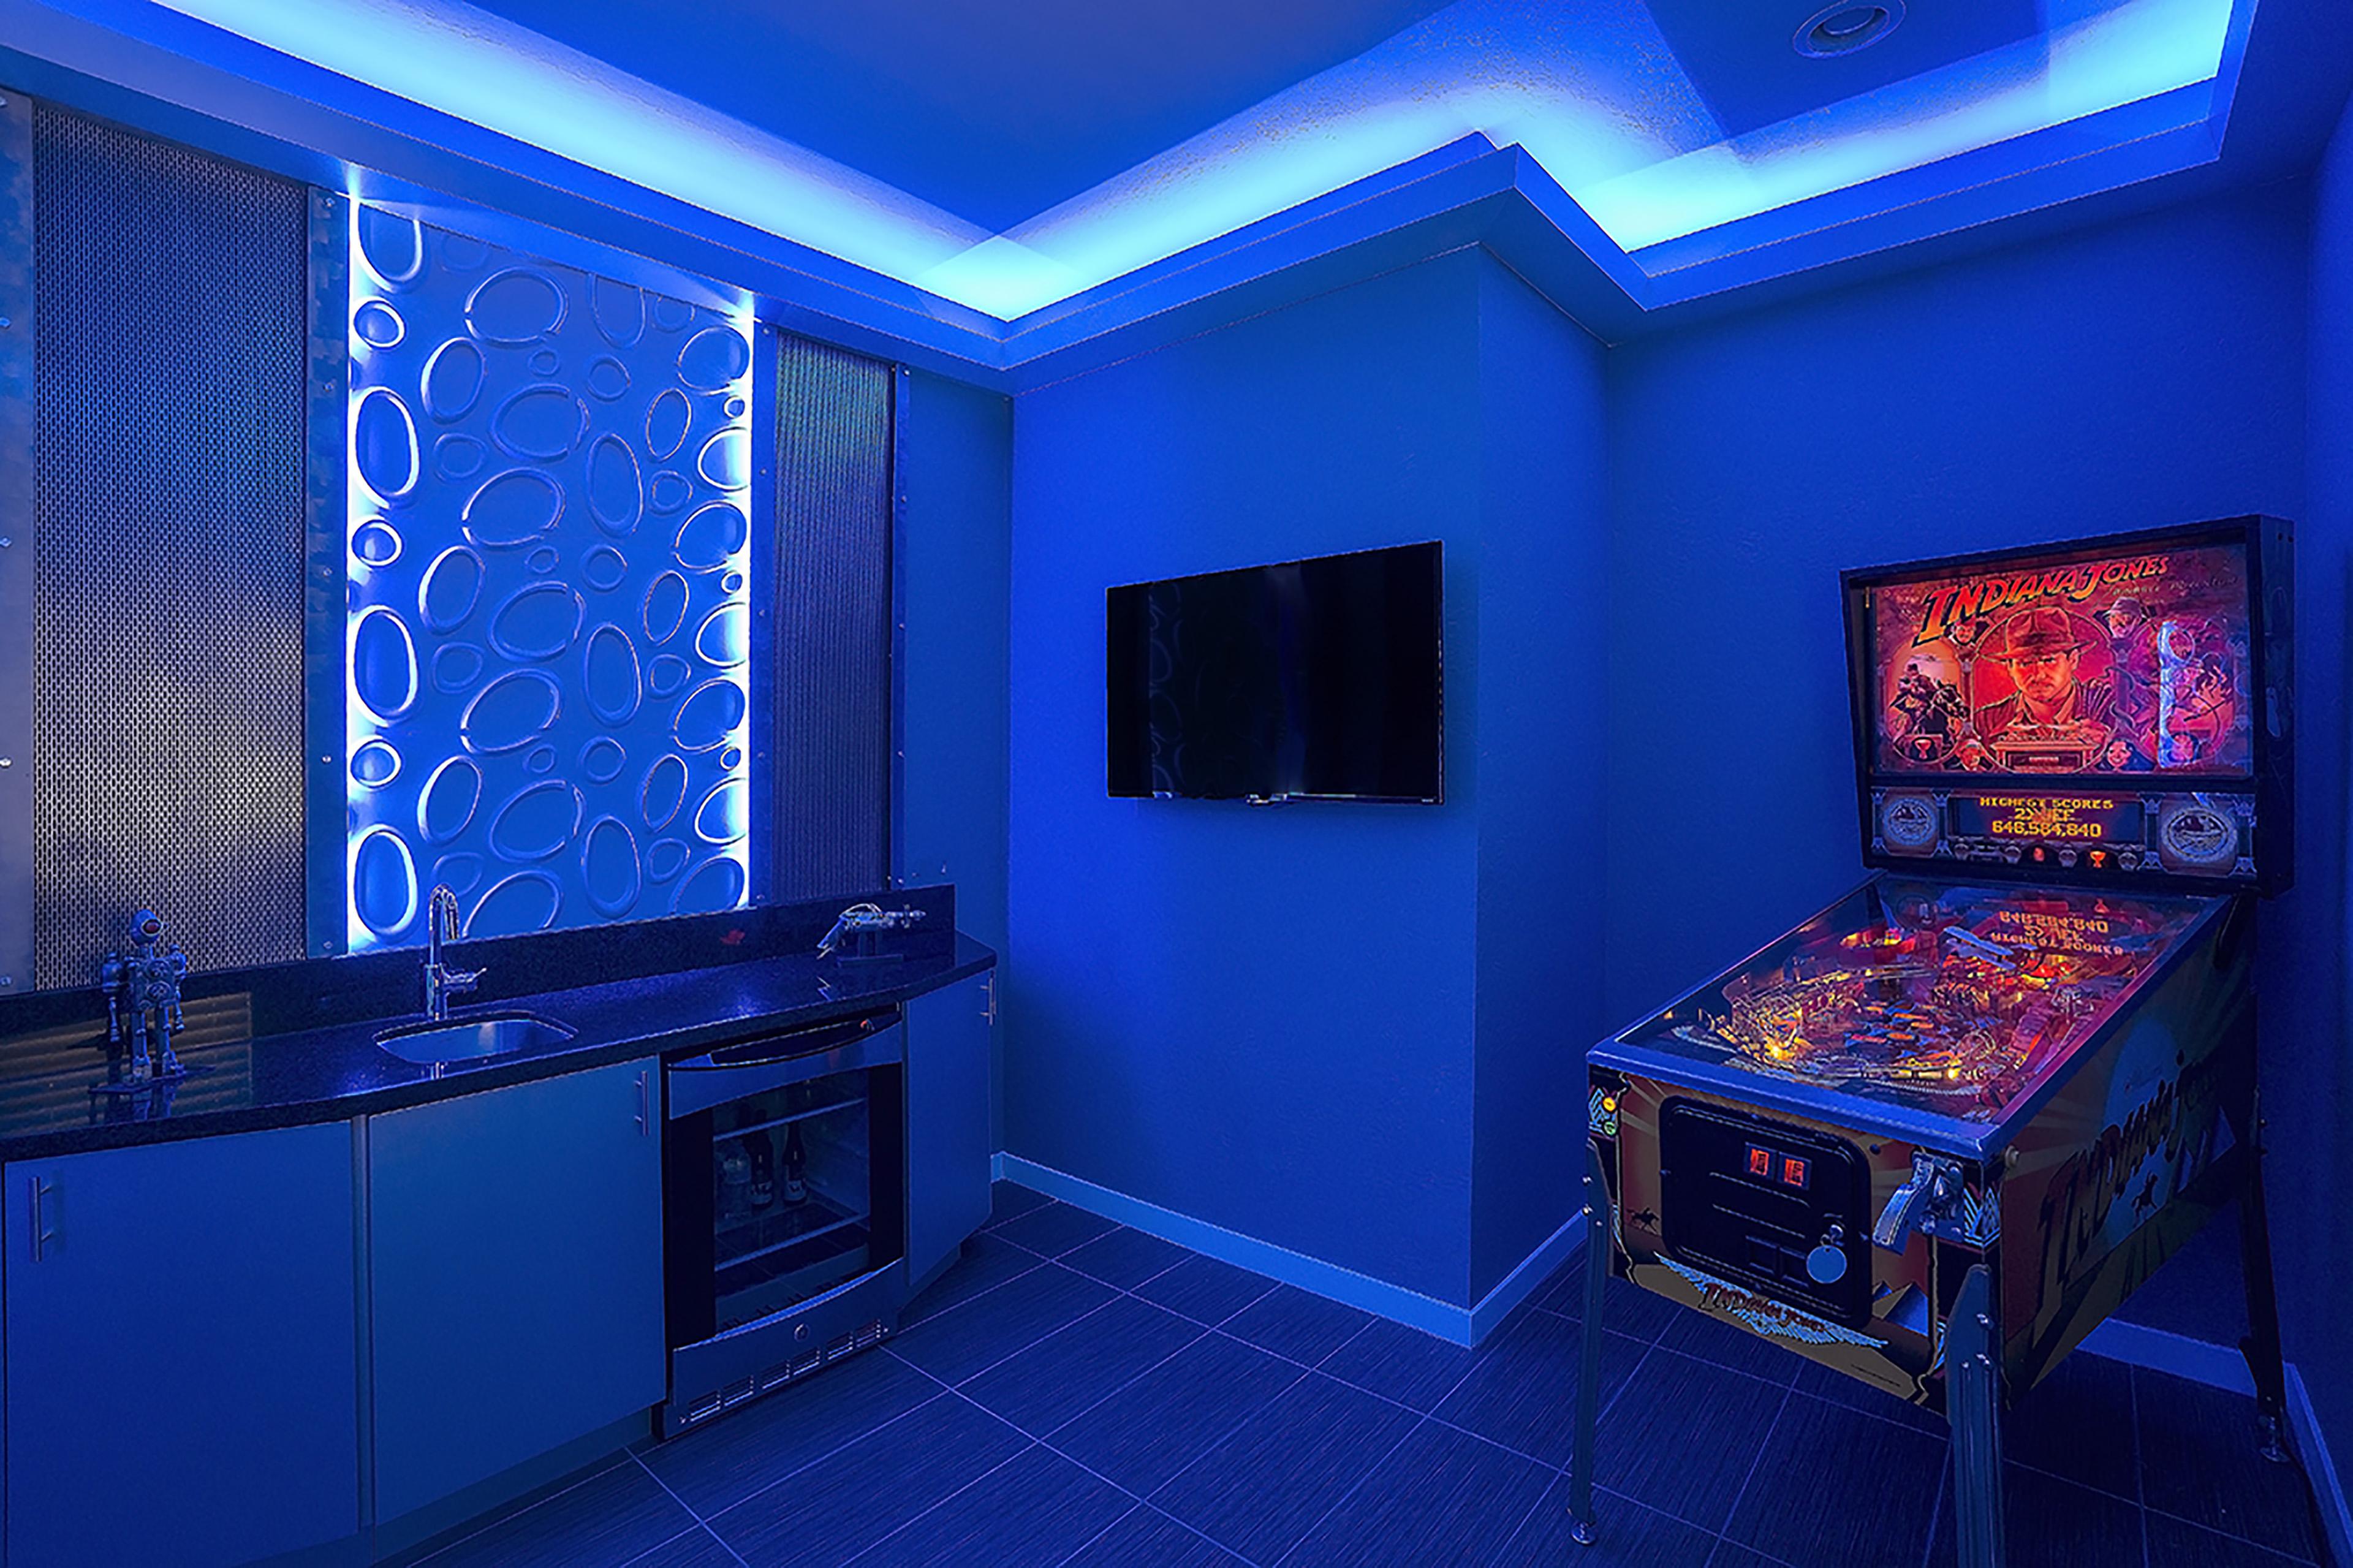 Futuristic Sci Fi Game Room I Allure Designs Llc